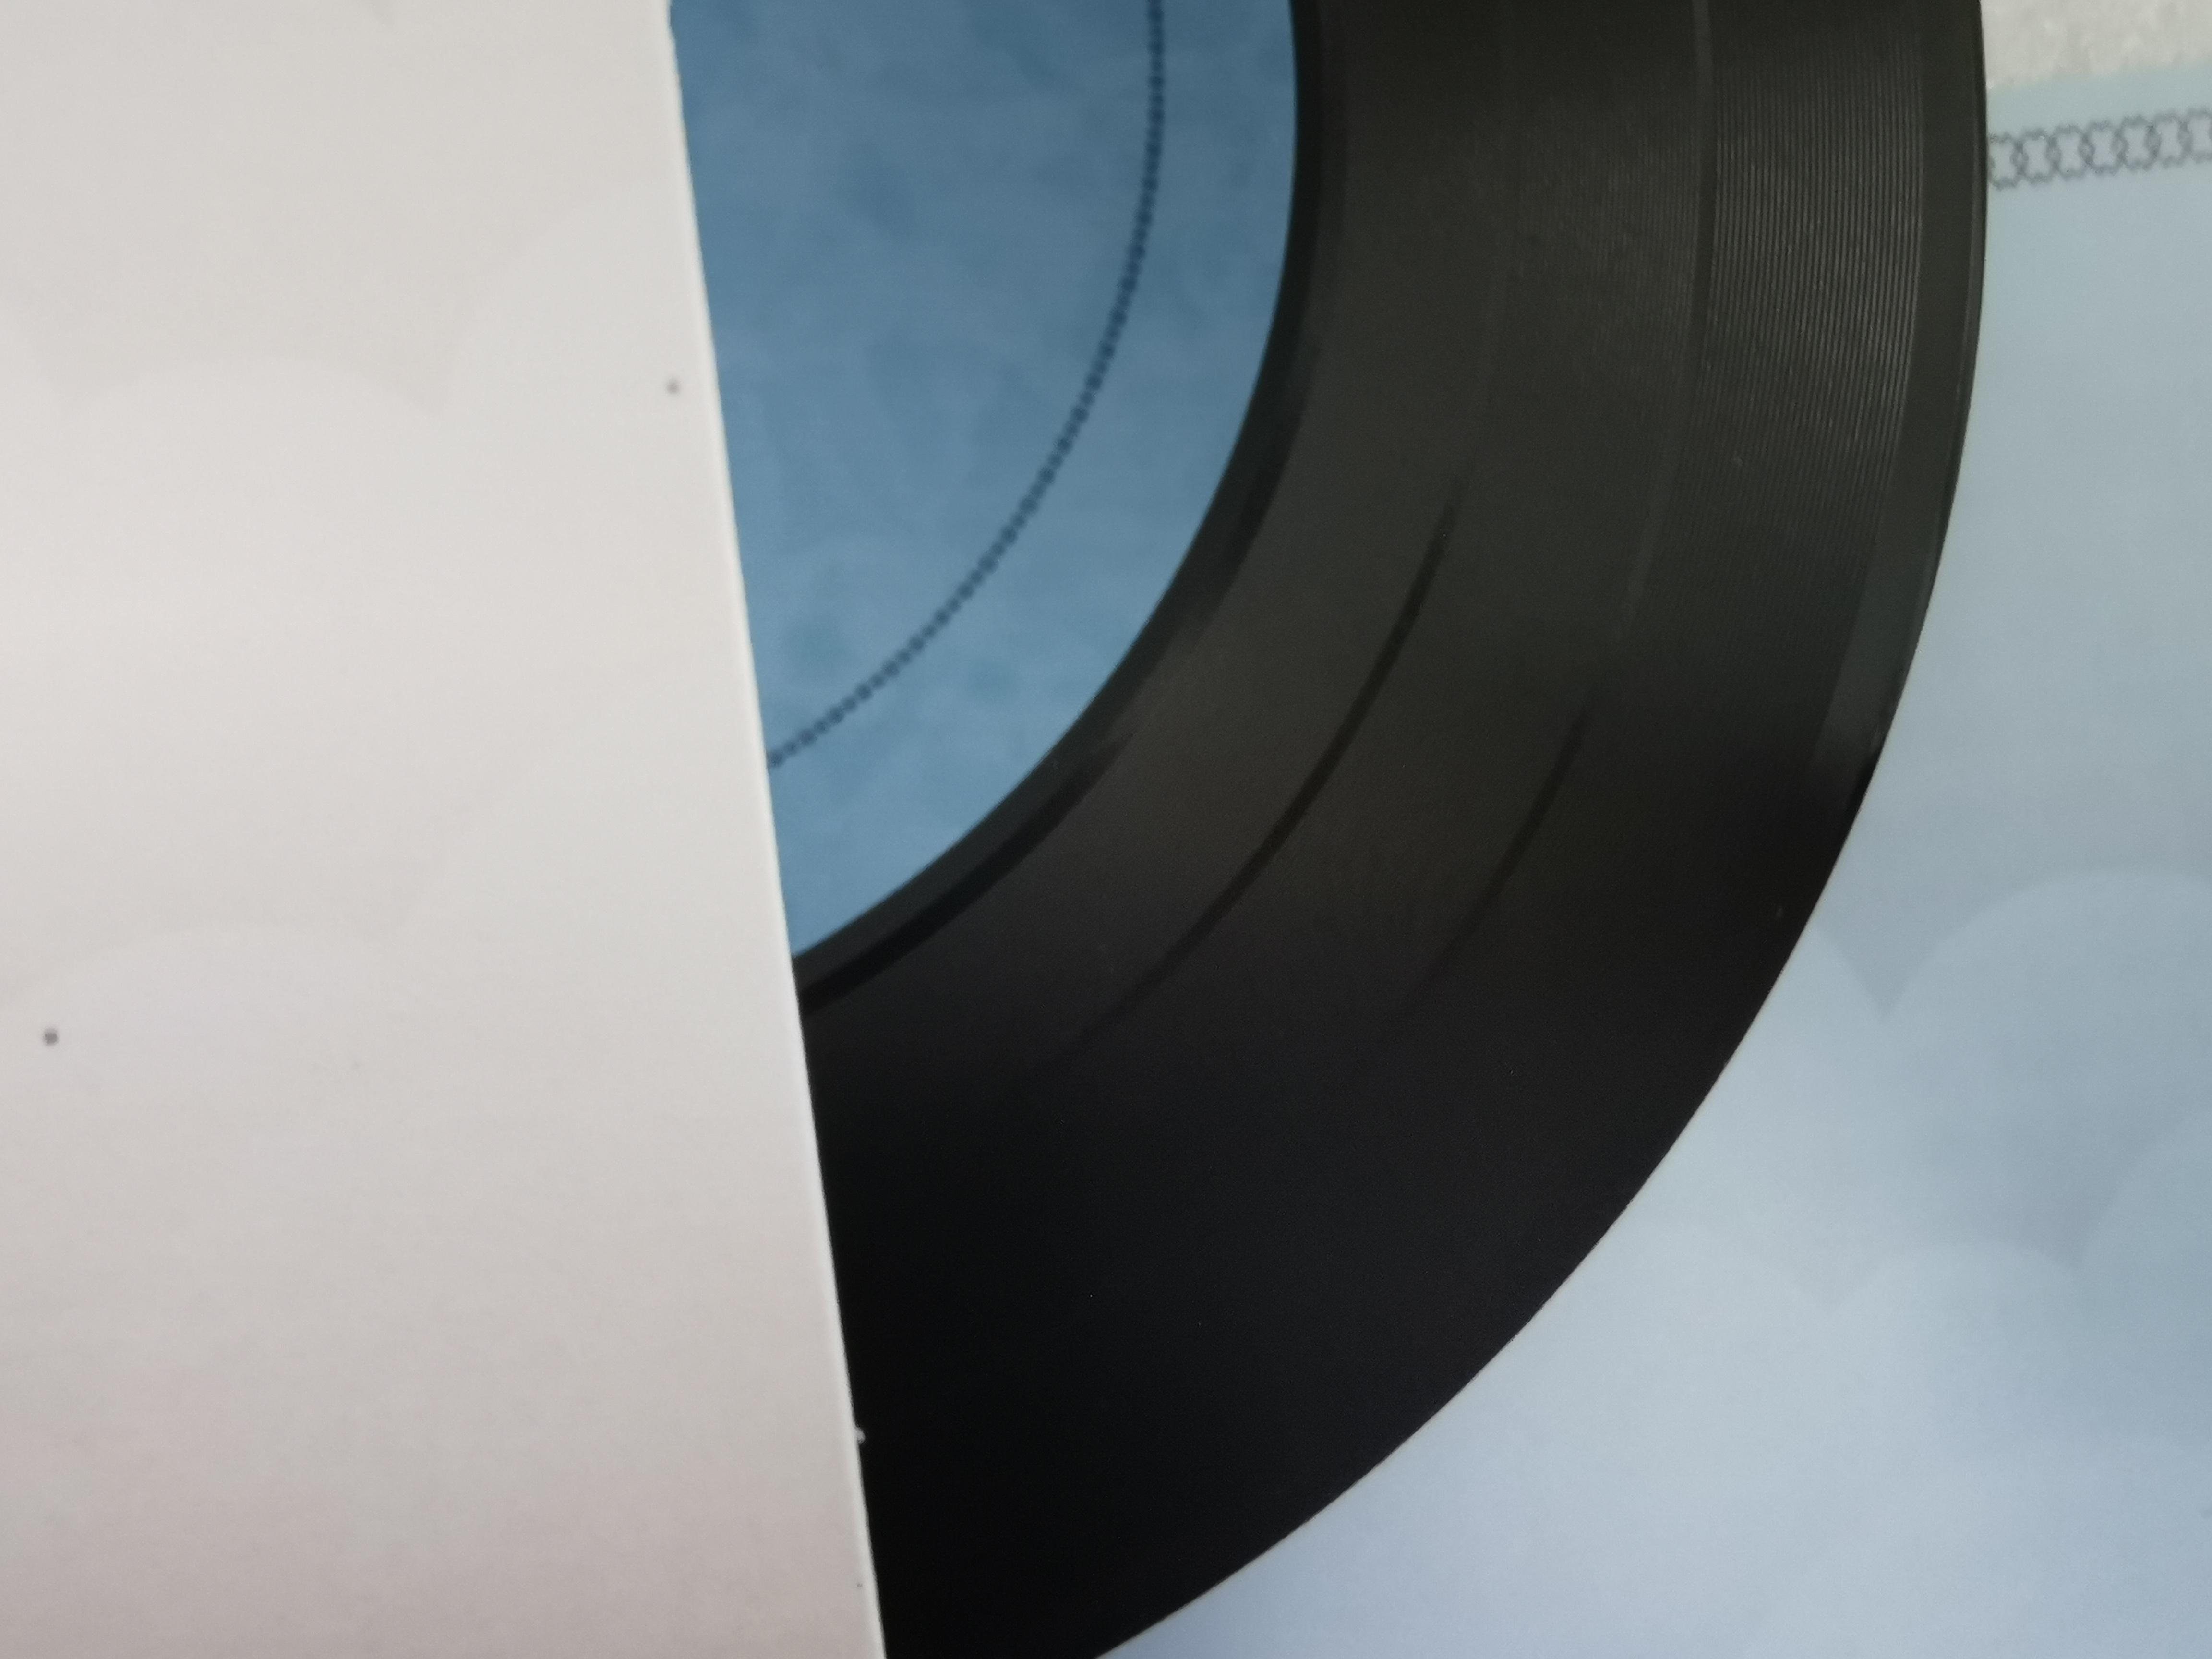 Copysan-CD Vinilo -Vinilo CD Duplicacion CD